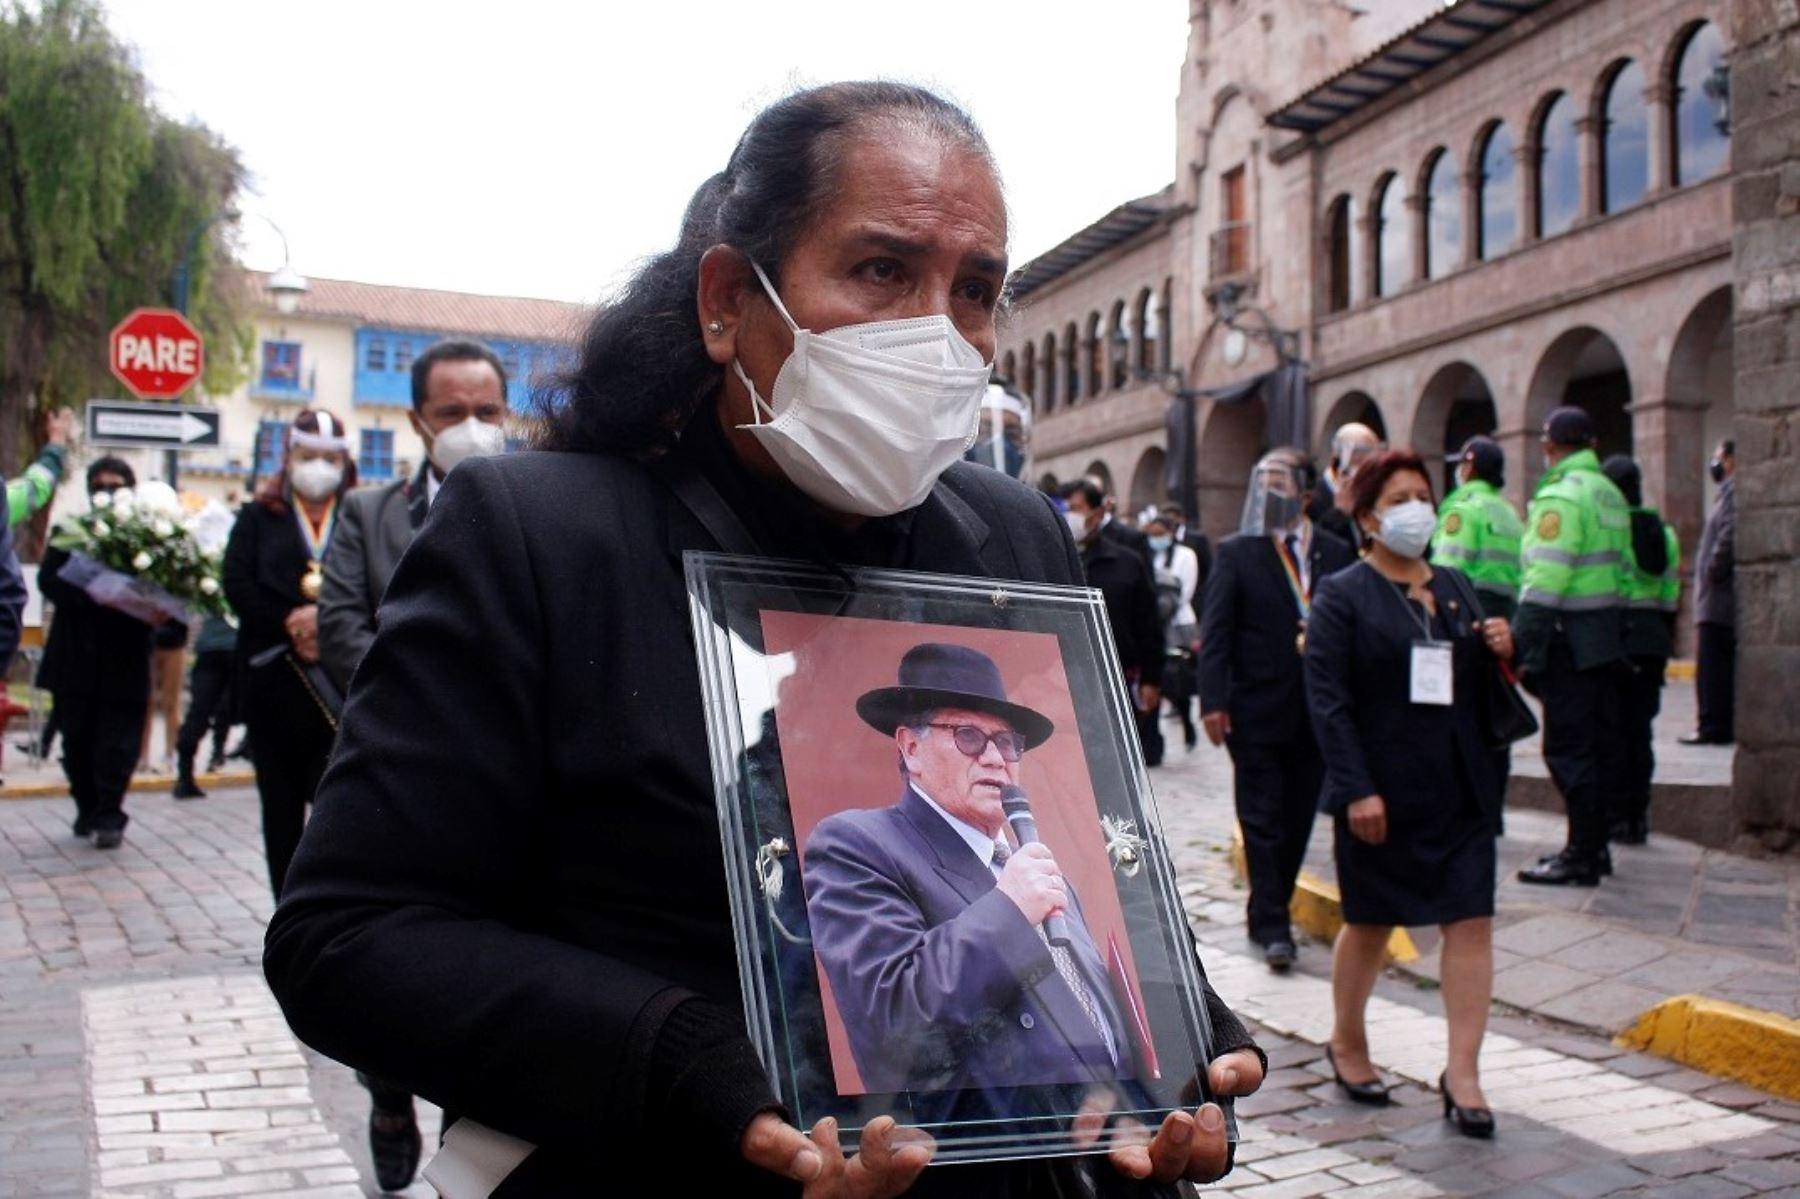 Cusco se despide de su alcalde Ricardo Valderrama, fallecido el domingo 30 de agosto a a causa del covid-19. ANDINA/Percy Hurtado Santillán